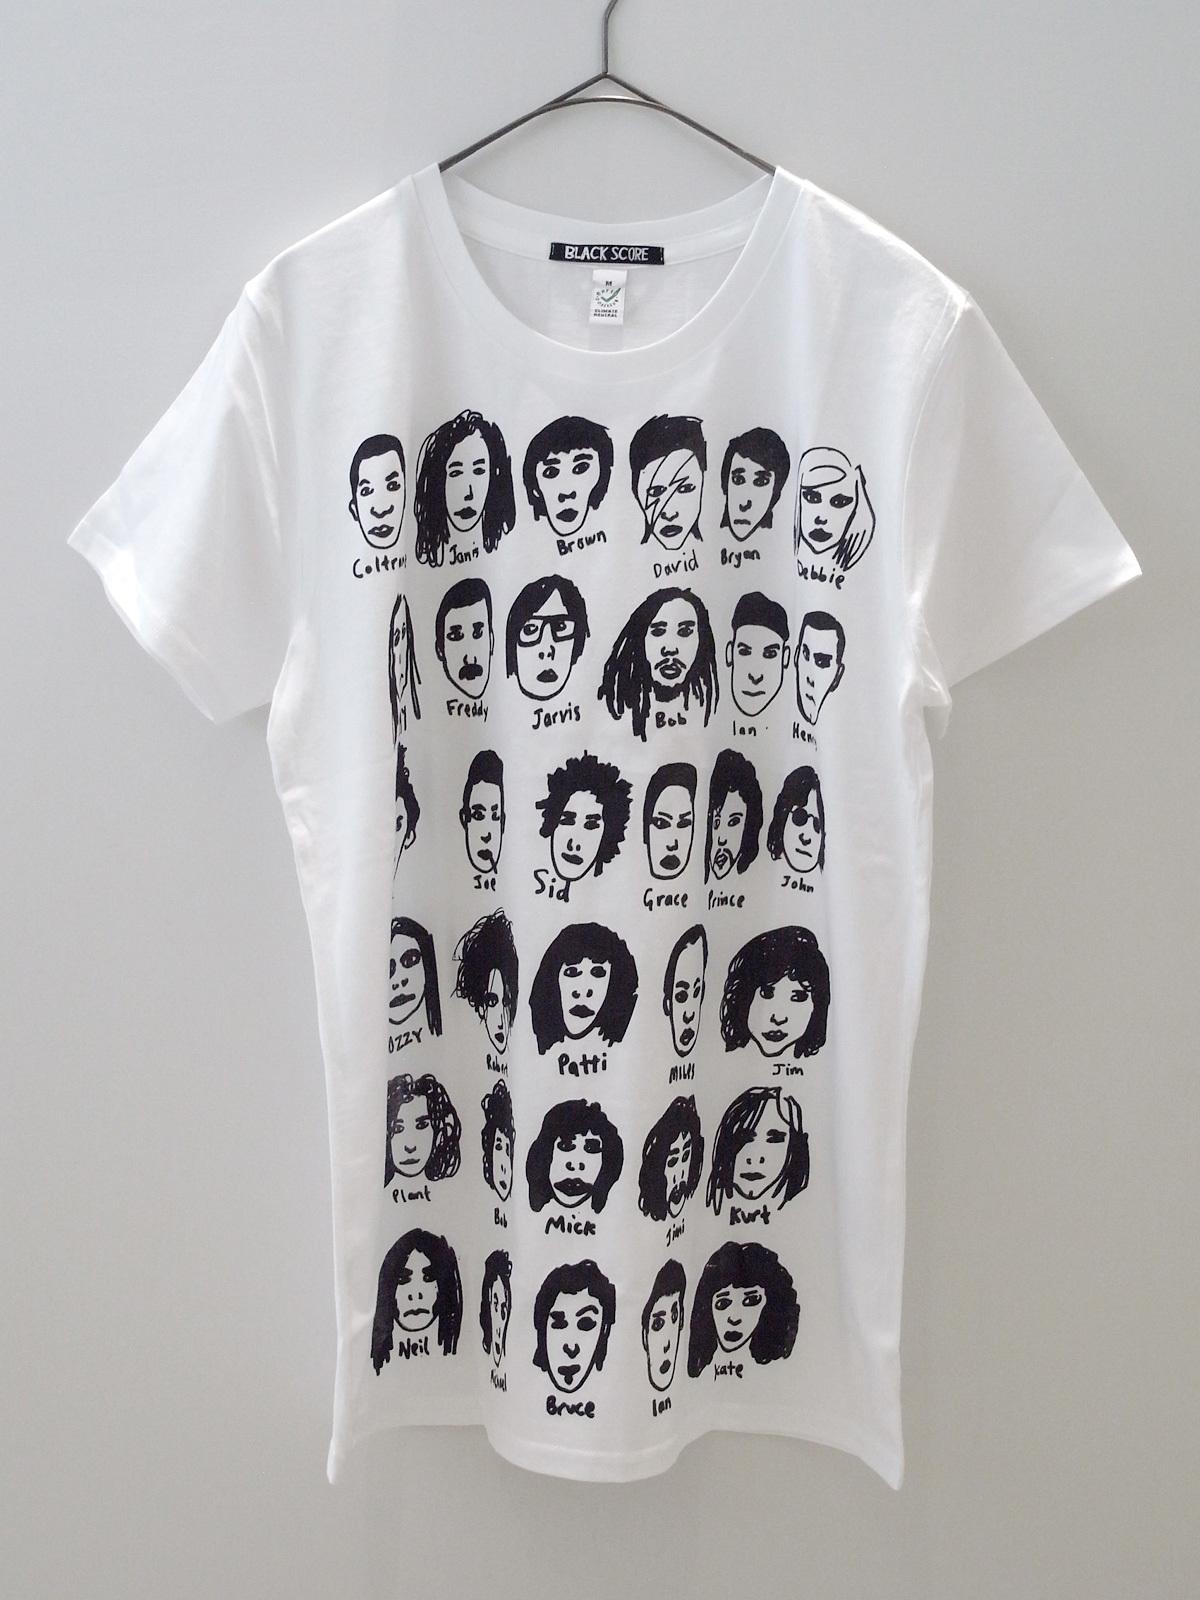 BLACK SCORE ブラックスコアの Tシャツが入荷いたしました!_c0176078_14410390.jpg